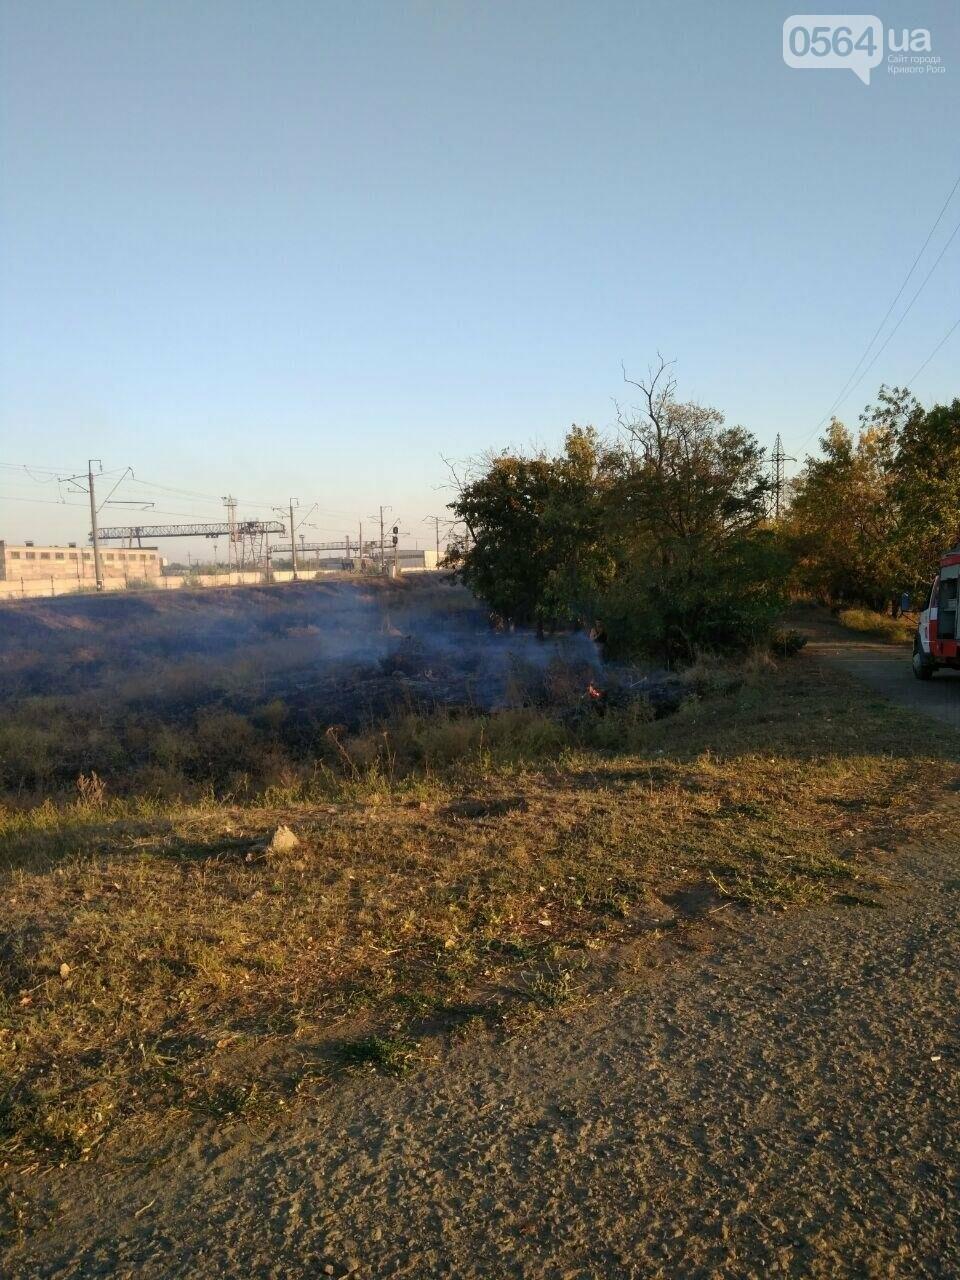 В Криворожском районе загорелась лесопосадка возле железной дороги, - ФОТО , фото-8